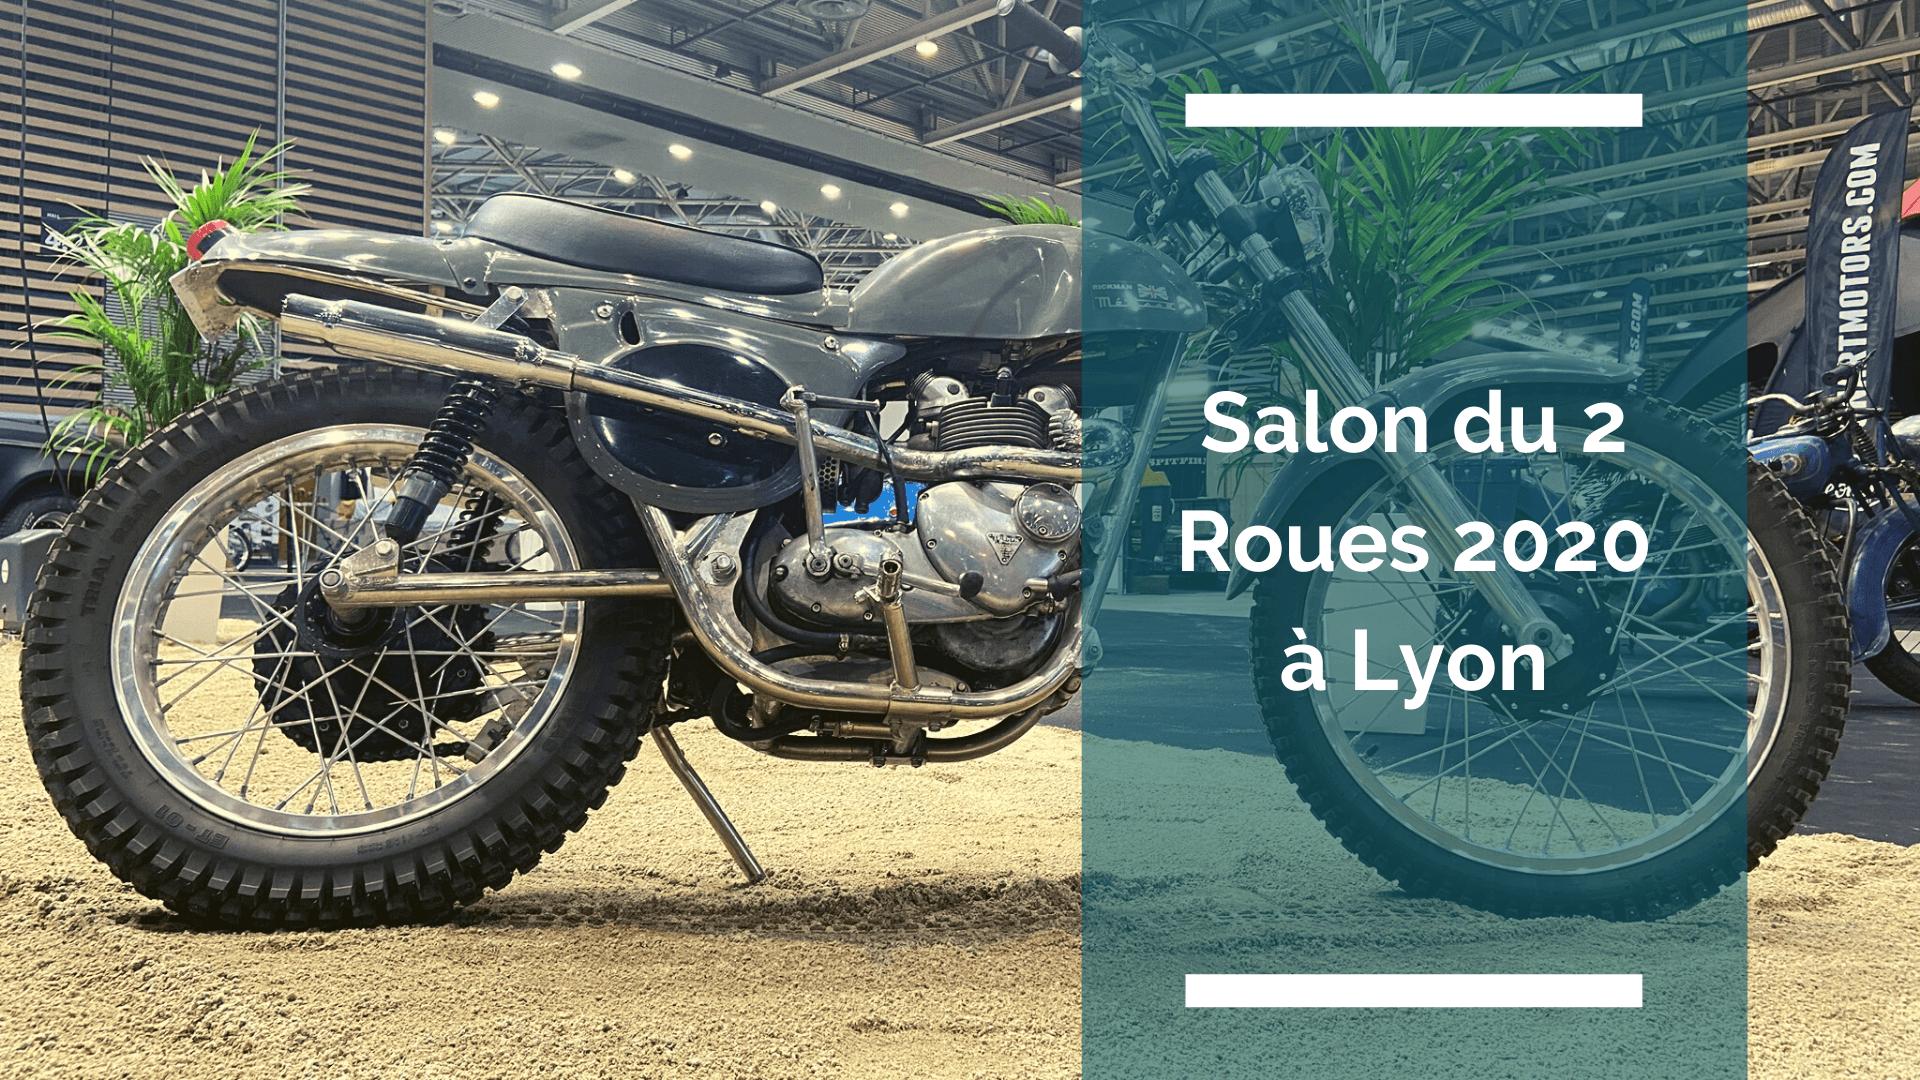 Salon du 2 roues 2020 à Lyon : frissons et passion